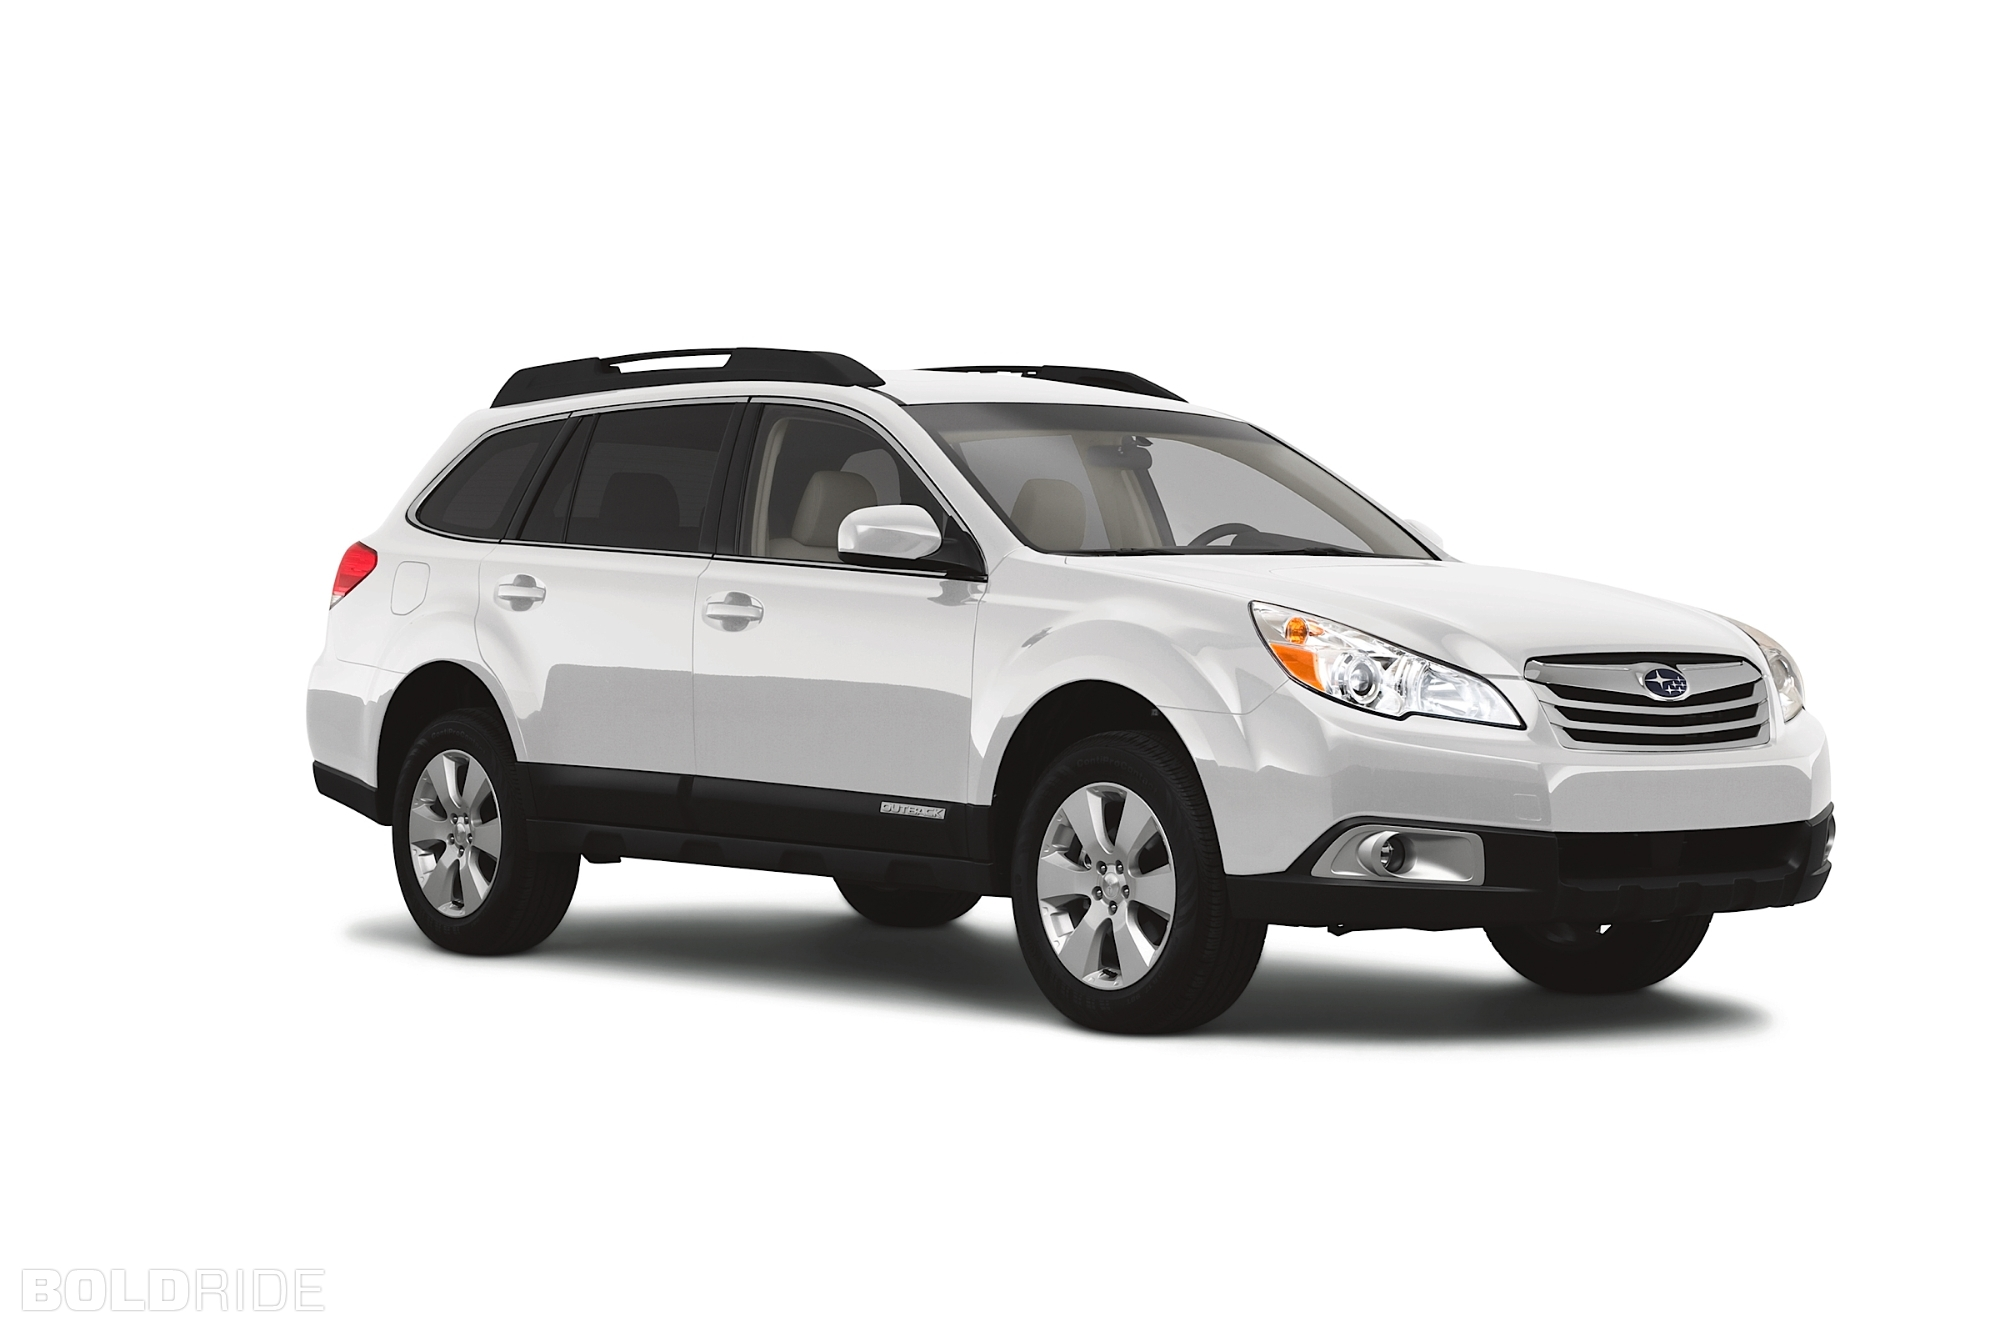 2011 Subaru Outback Image 12